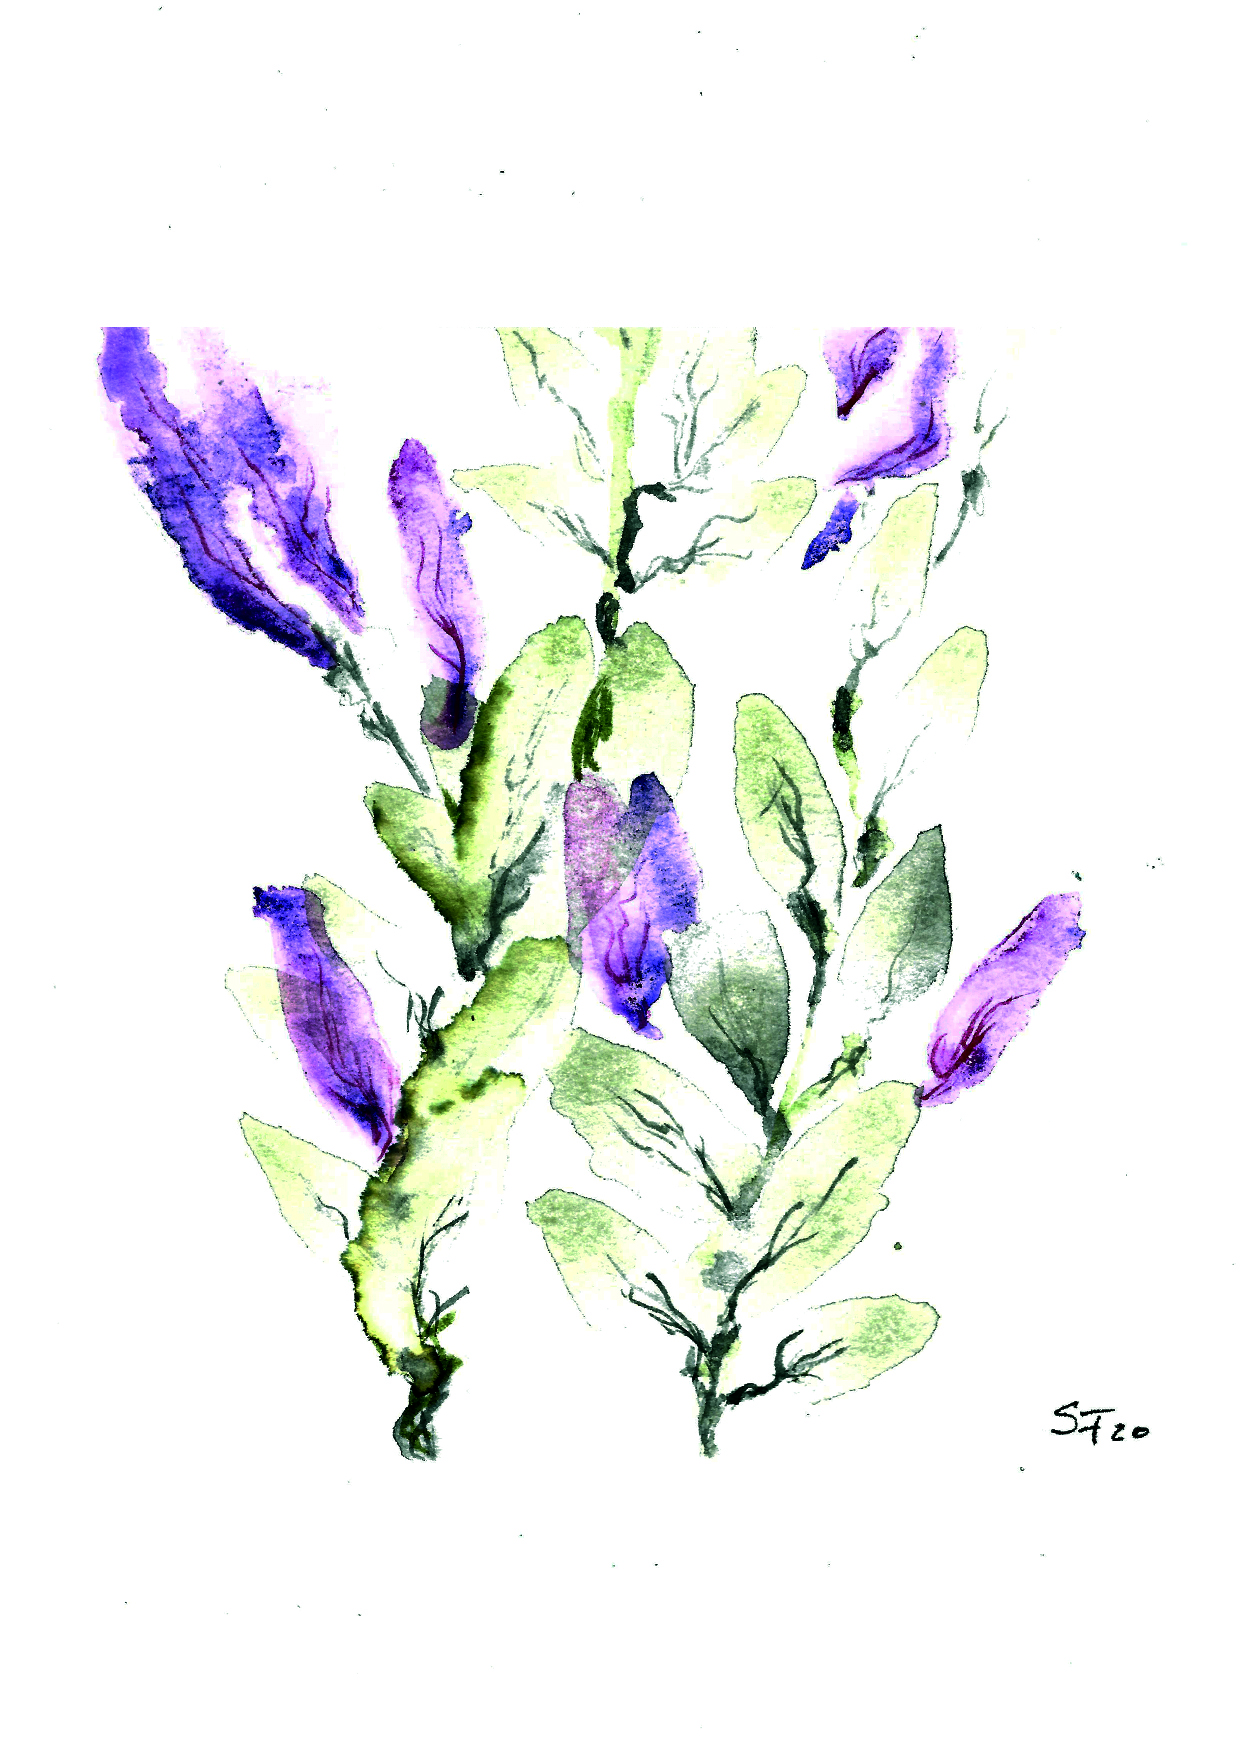 Aquarell lila Blüten 03/20